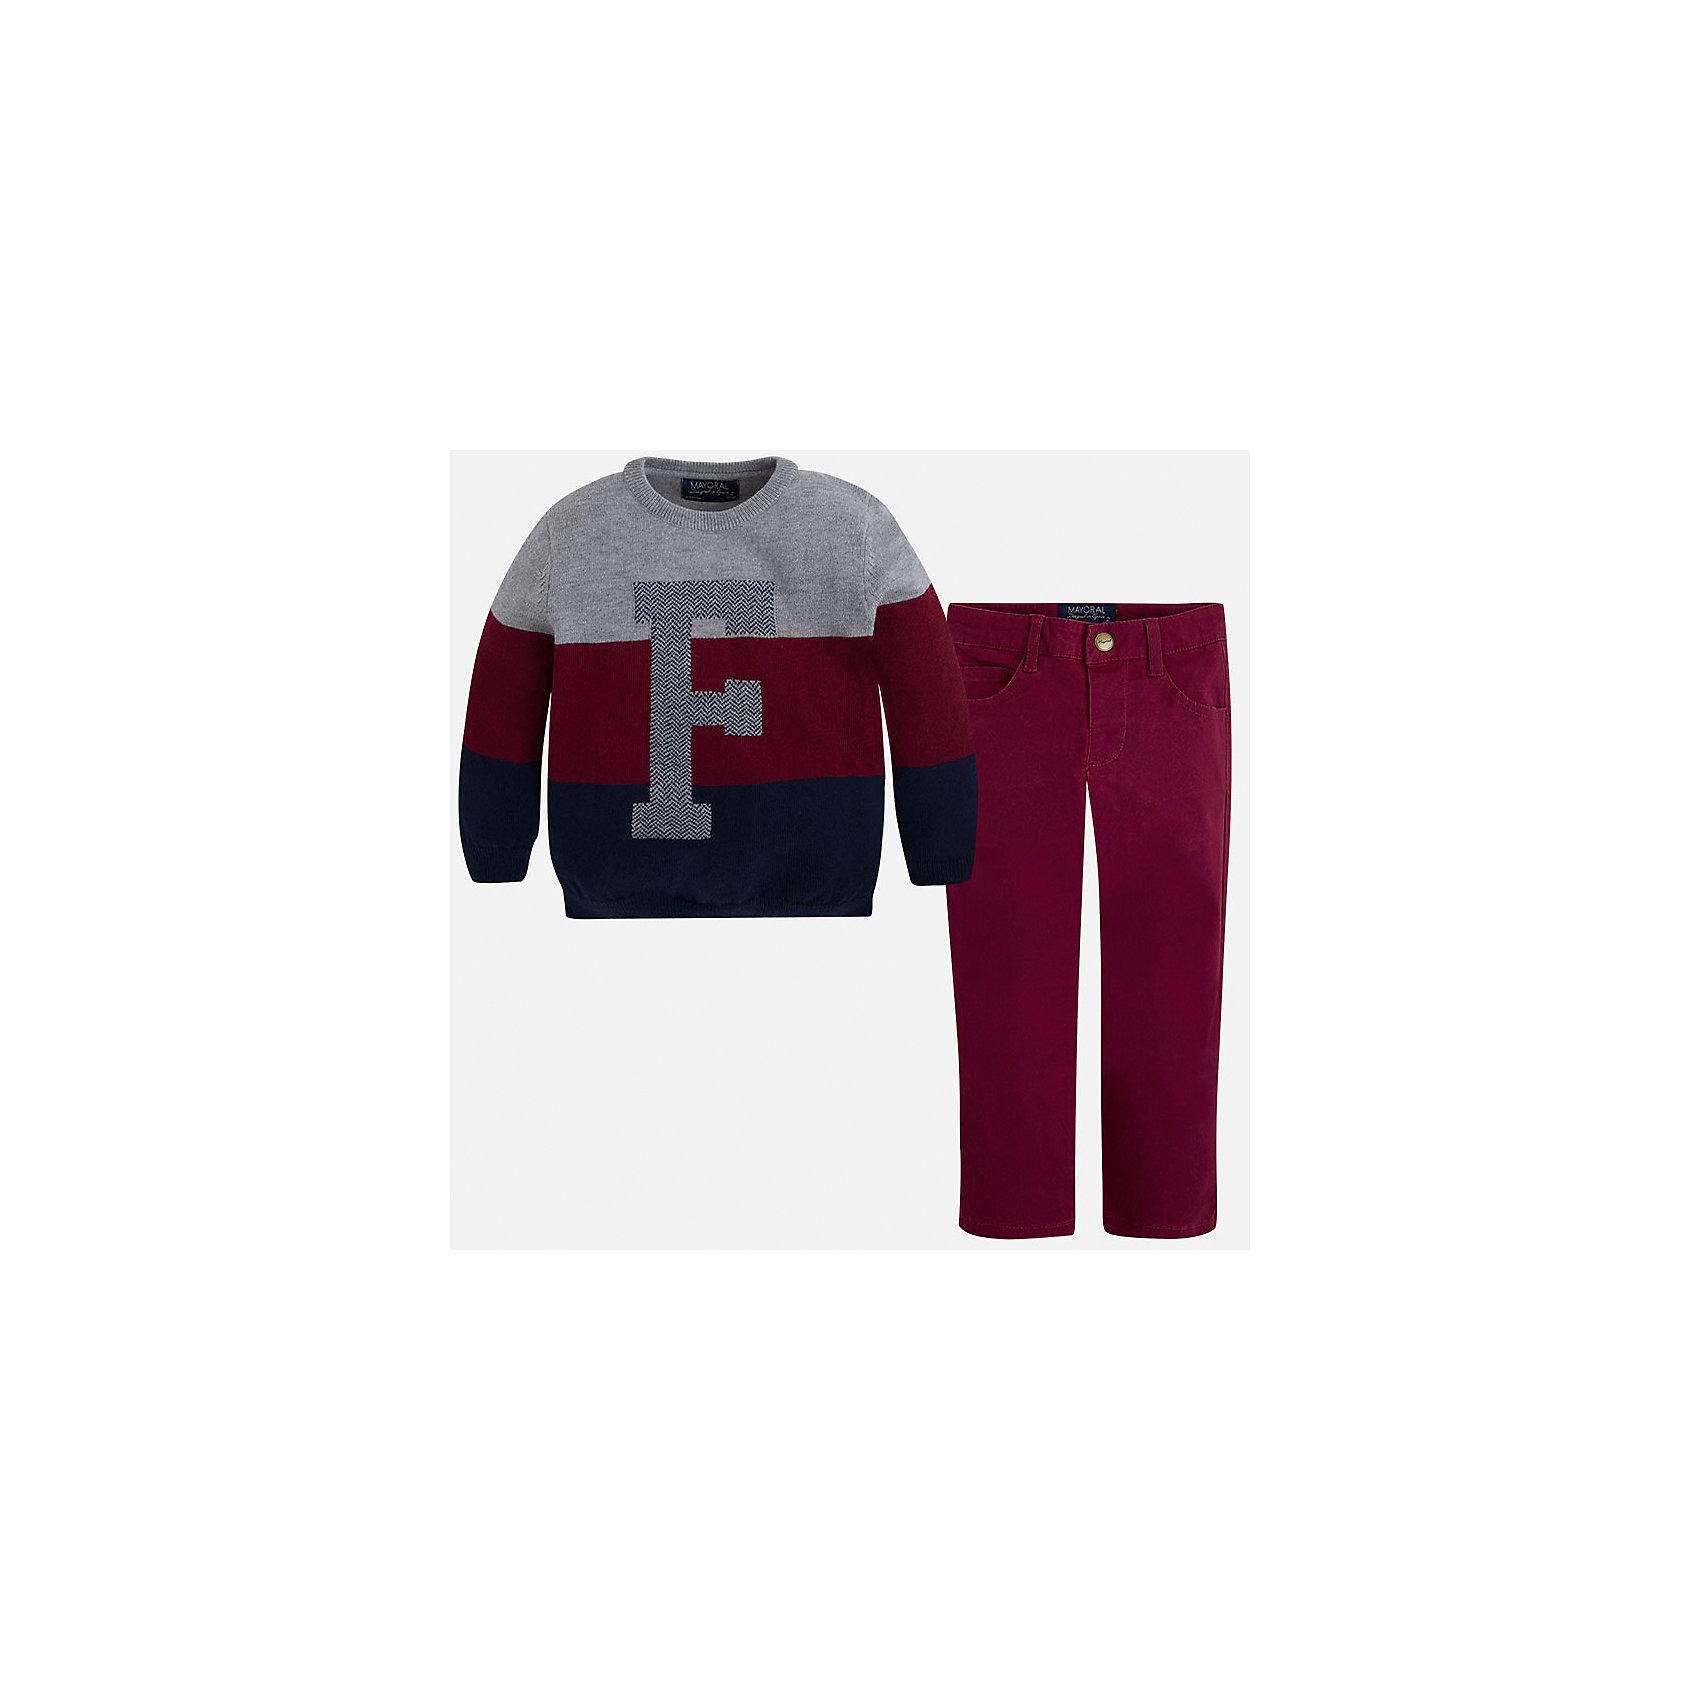 Комплект: брюки и свитер для мальчика MayoralКрасивый комплект состоящий из свитера и брюк, отлично подойдет юному моднику.<br><br>Дополнительная информация:<br><br>- В комплекте: брюки и свитер.<br>- Крой: прямой крой.<br>- Страна бренда: Испания.<br>- Состав: хлопок 60%, полиамид 30%, шерсть 10%.<br>- Цвет: вишневый.<br>- Уход: бережная стирка при 30 градусах.<br><br>Купить комплект брюки и свитер для мальчика Mayoral, можно в нашем магазине.<br><br>Ширина мм: 190<br>Глубина мм: 74<br>Высота мм: 229<br>Вес г: 236<br>Цвет: бордовый<br>Возраст от месяцев: 24<br>Возраст до месяцев: 36<br>Пол: Мужской<br>Возраст: Детский<br>Размер: 134,122,98,110,104,116,128<br>SKU: 4826480